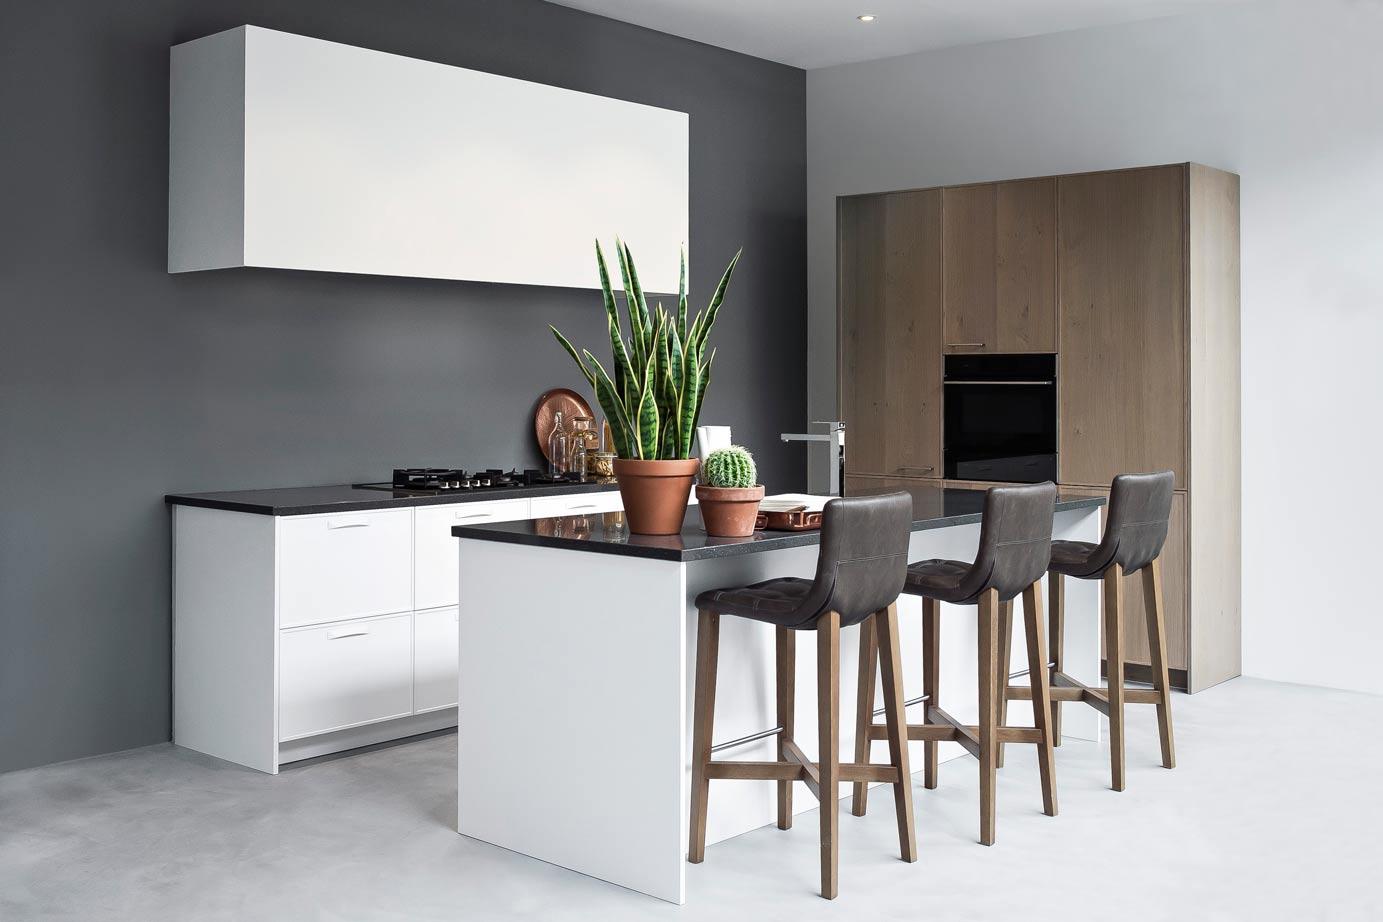 Witte Keuken Design : Keuken kleuren kies de kleur die bij je past pelma